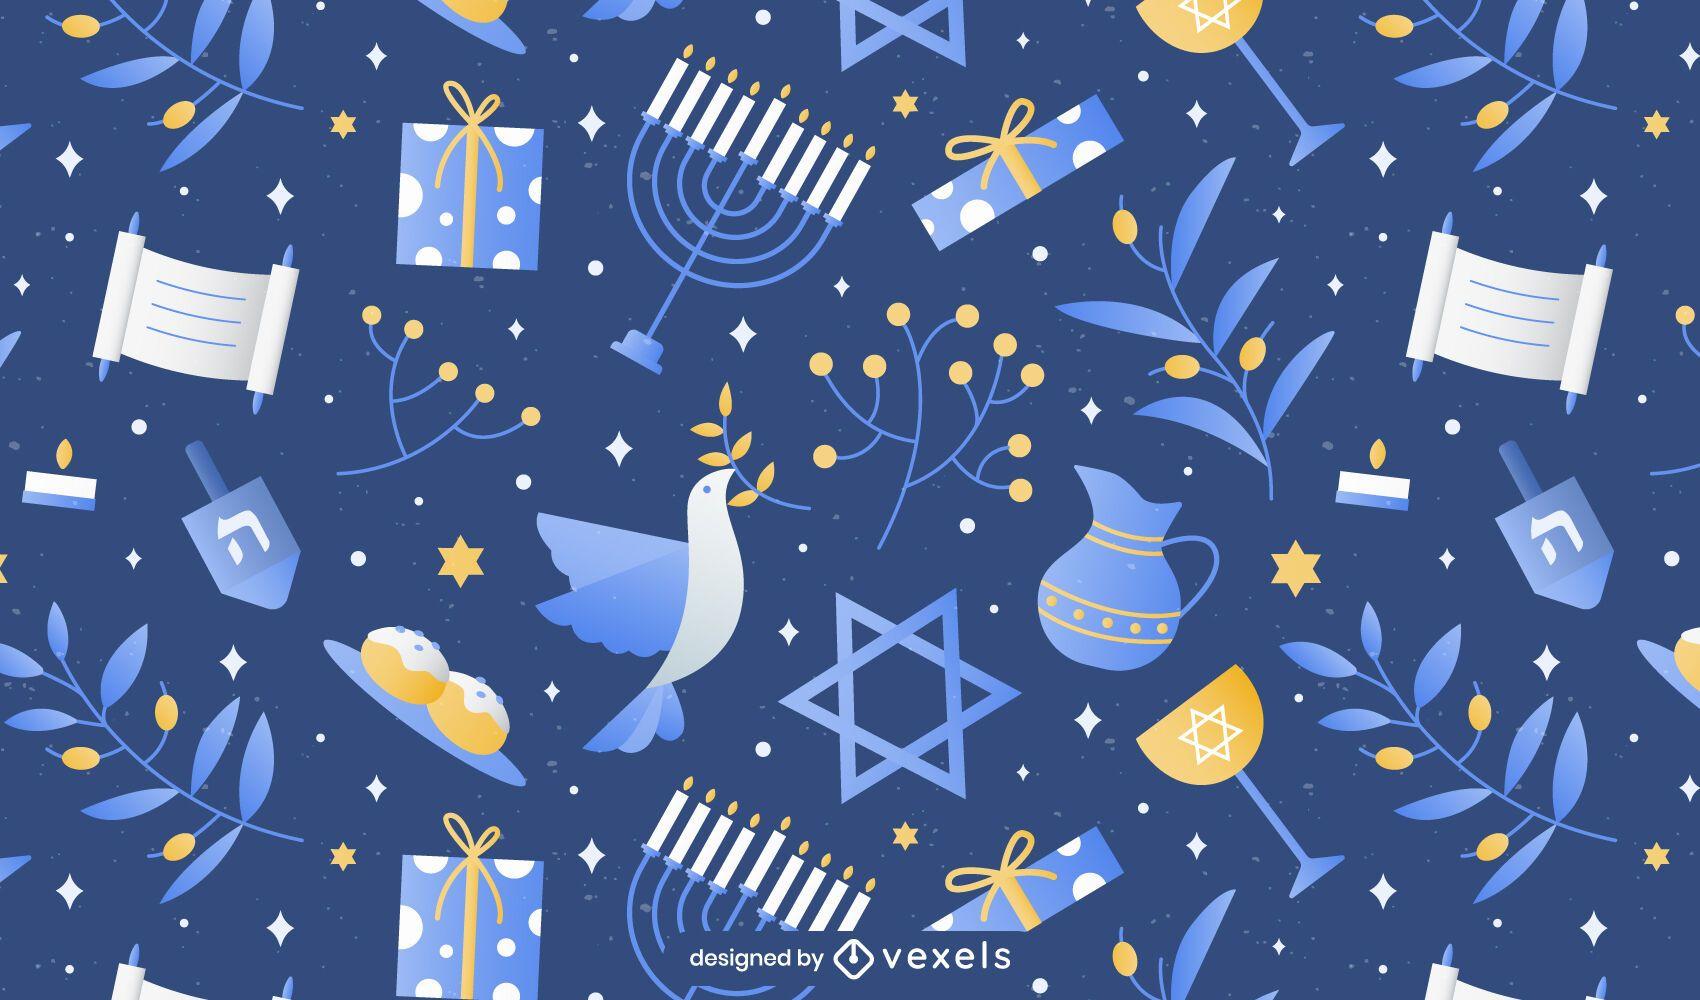 Dise?o de patr?n de elementos tradicionales de Hanukkah